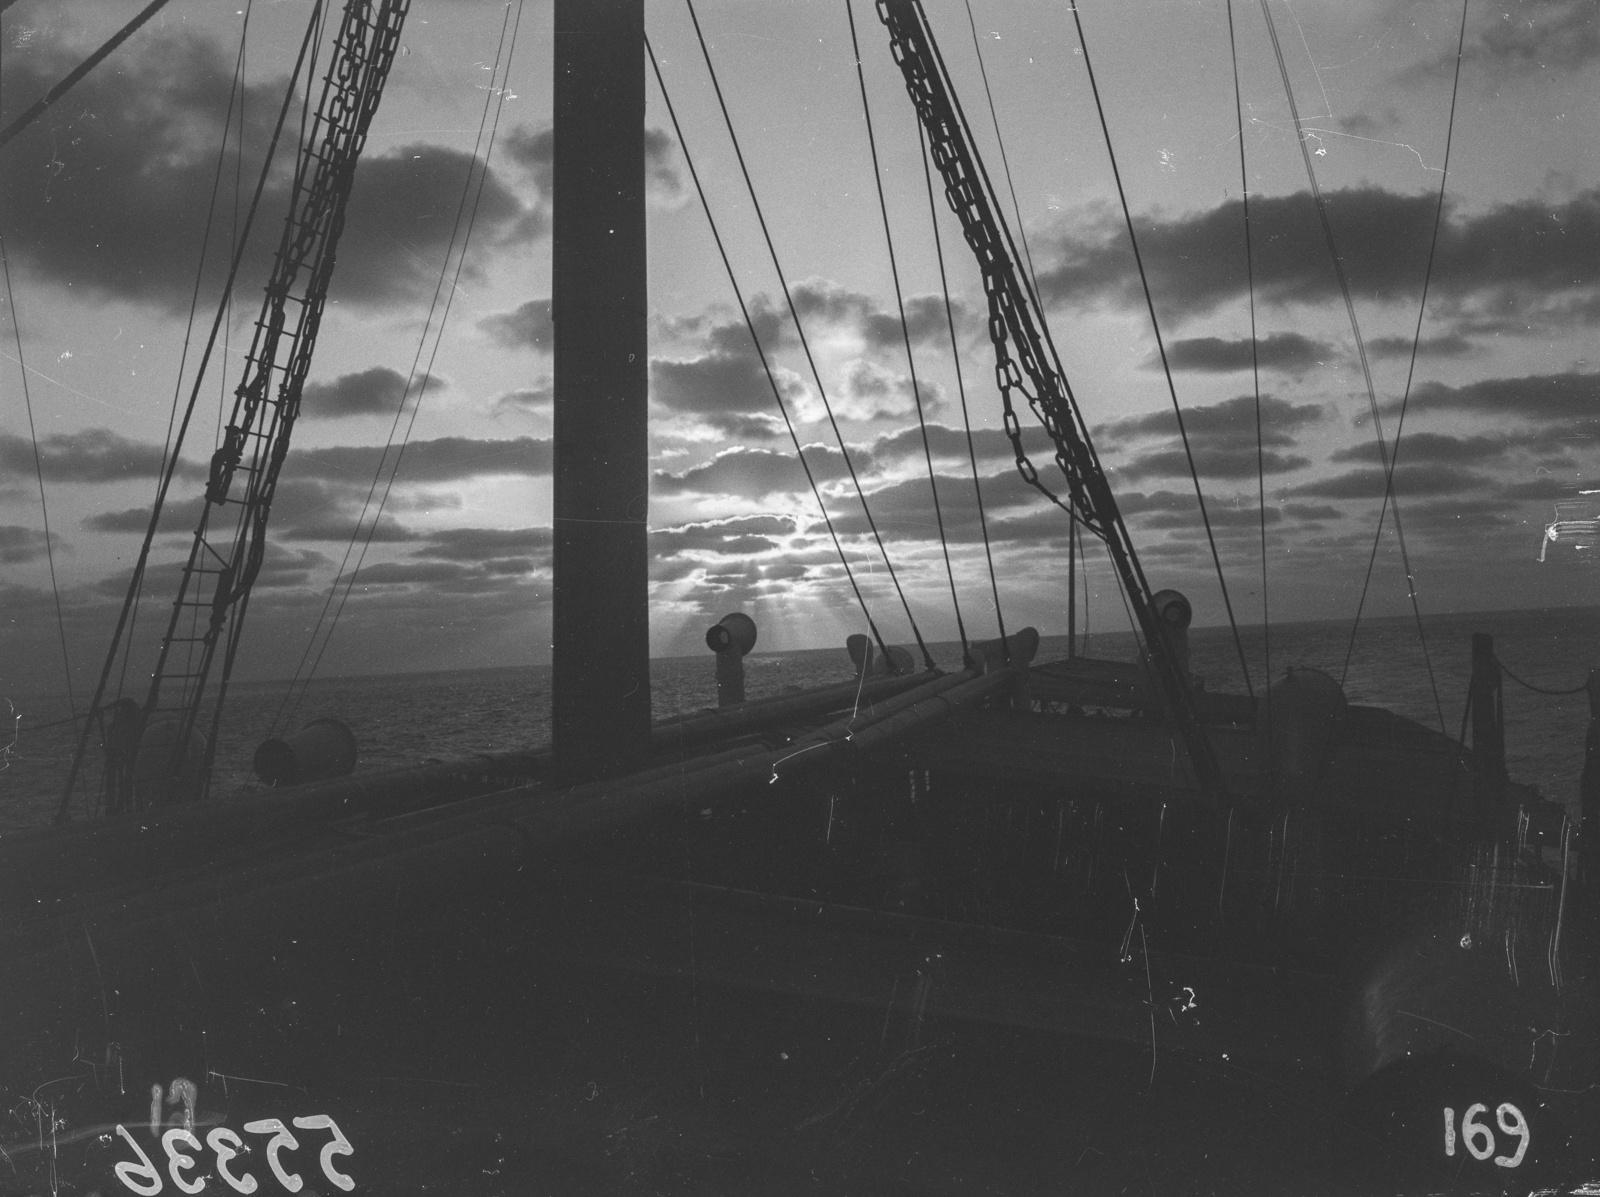 Южно-Африканский Союз. Уолфиш-Бей. Палуба парохода на закате